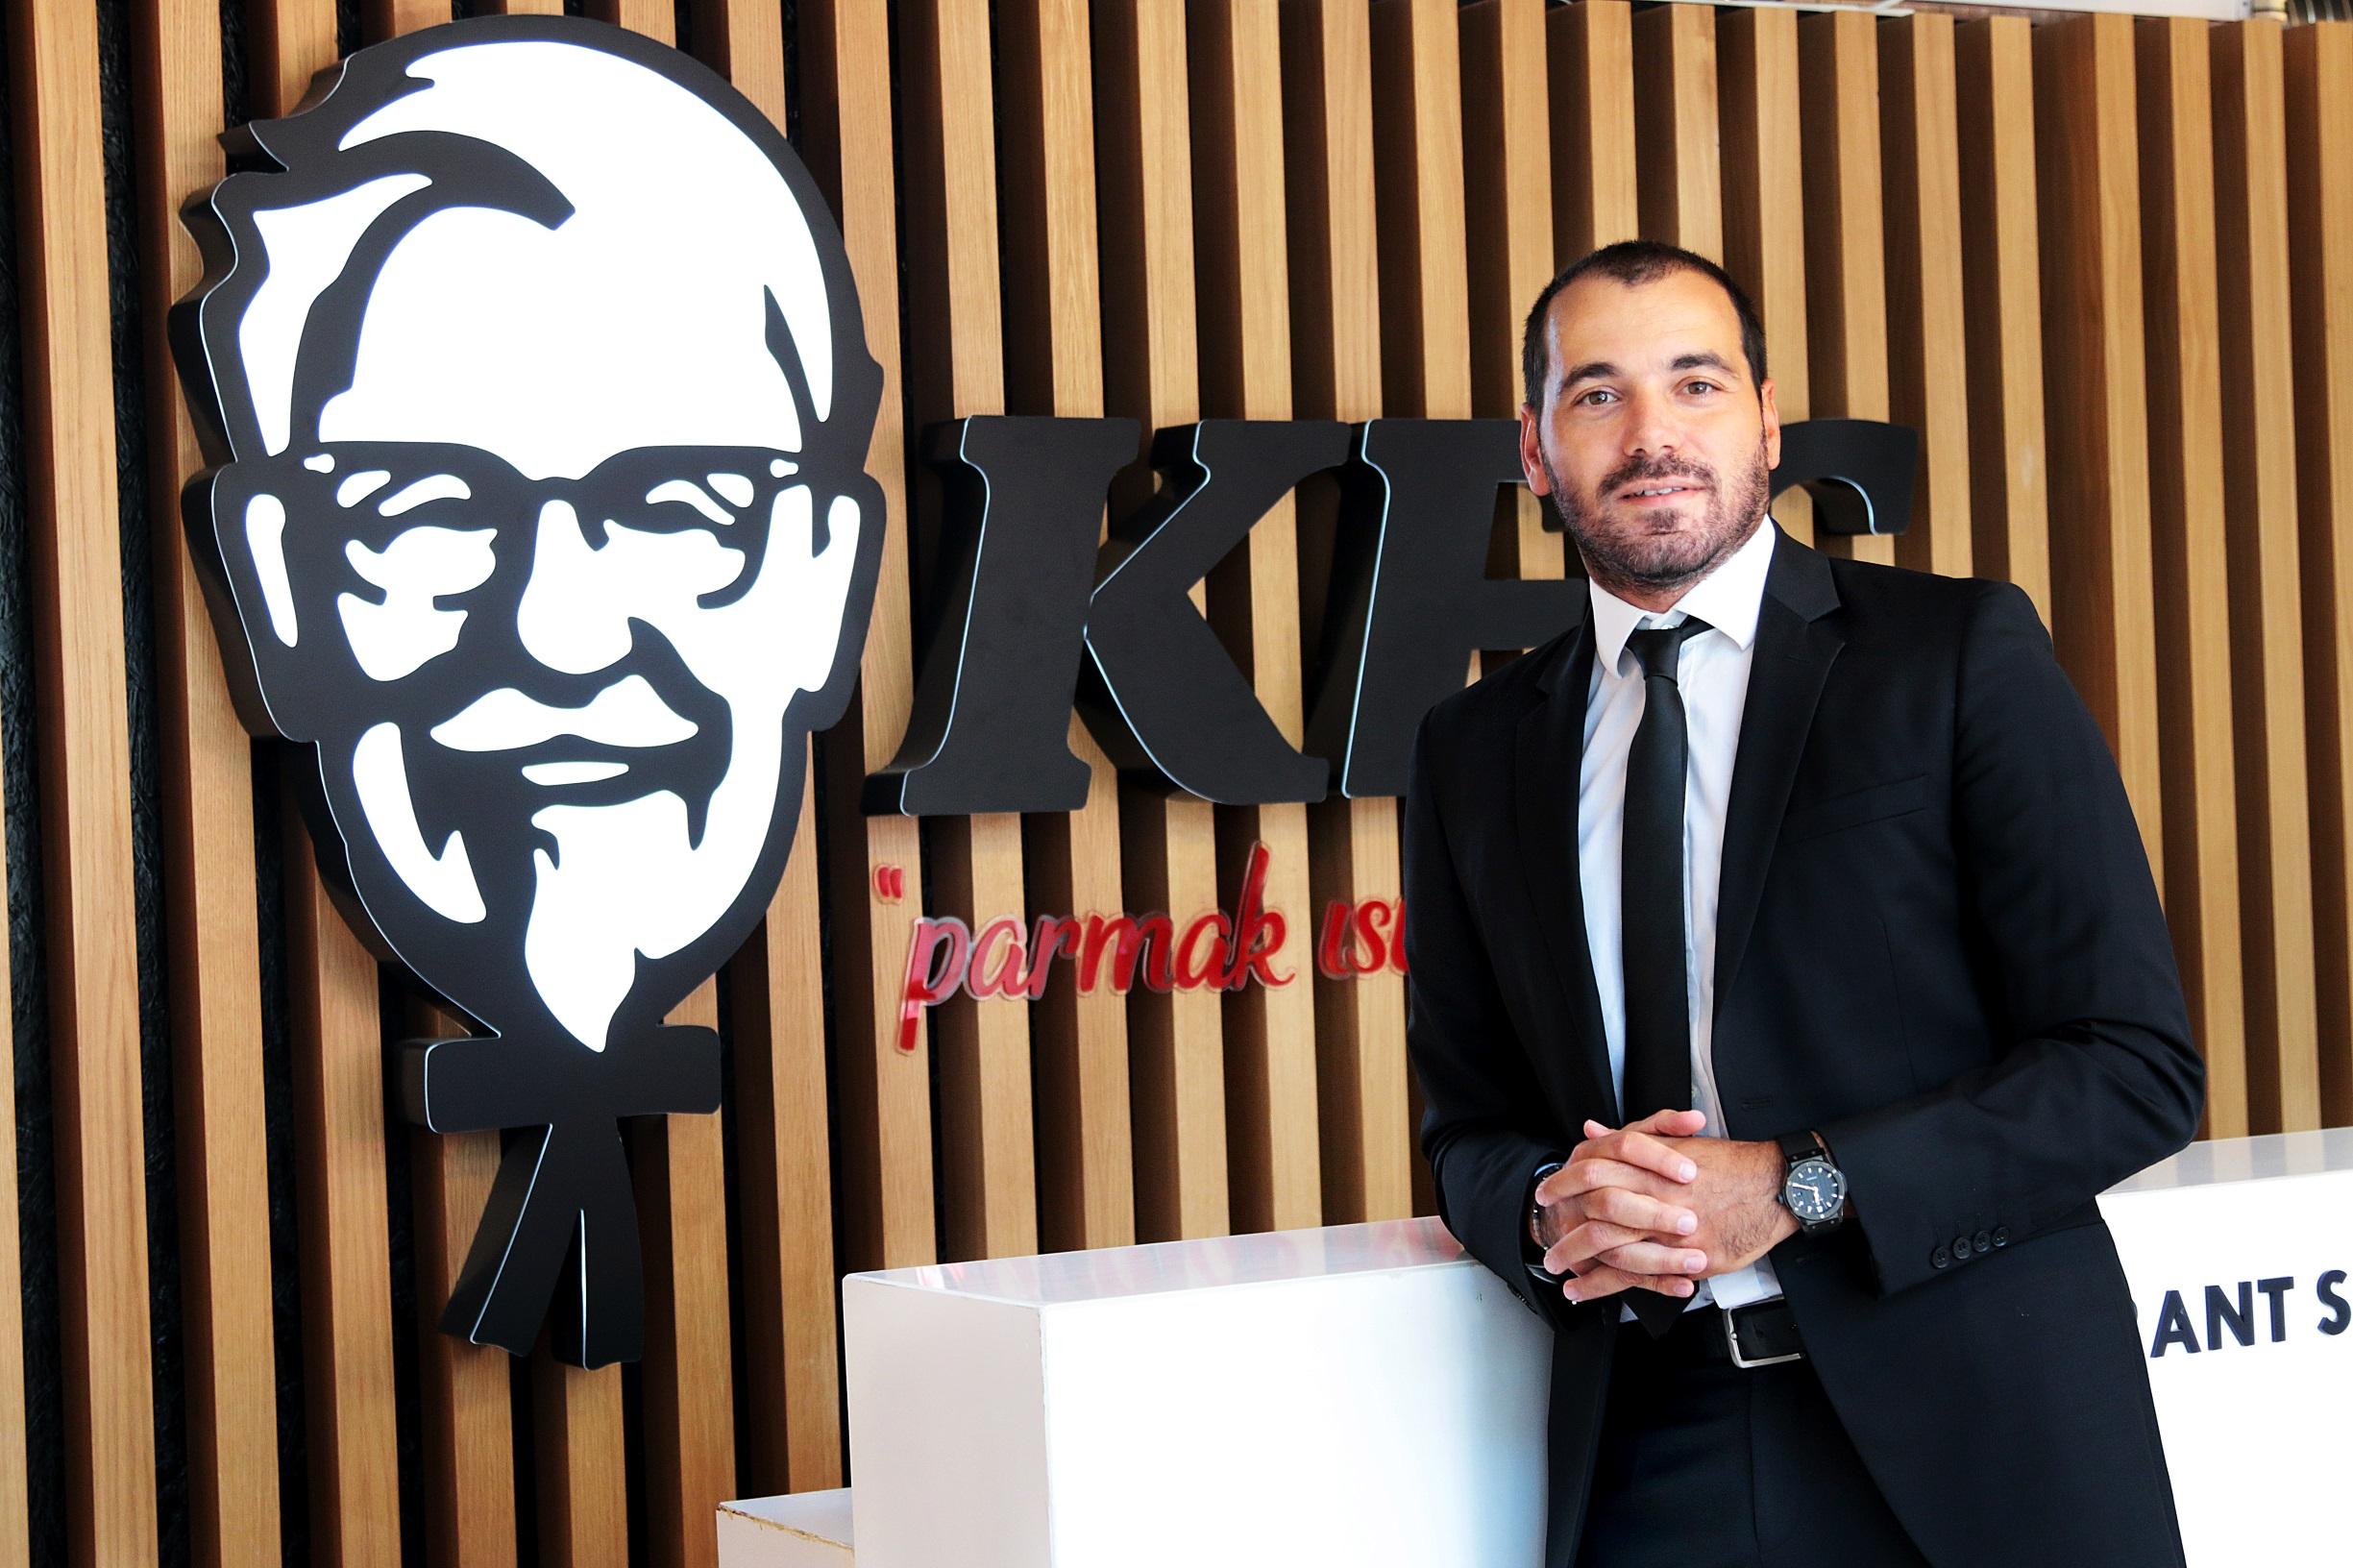 KFC TÜRKİYE'NİN YENİ CMO'SU ÖZKAN ÖZYAVUZ OLDU